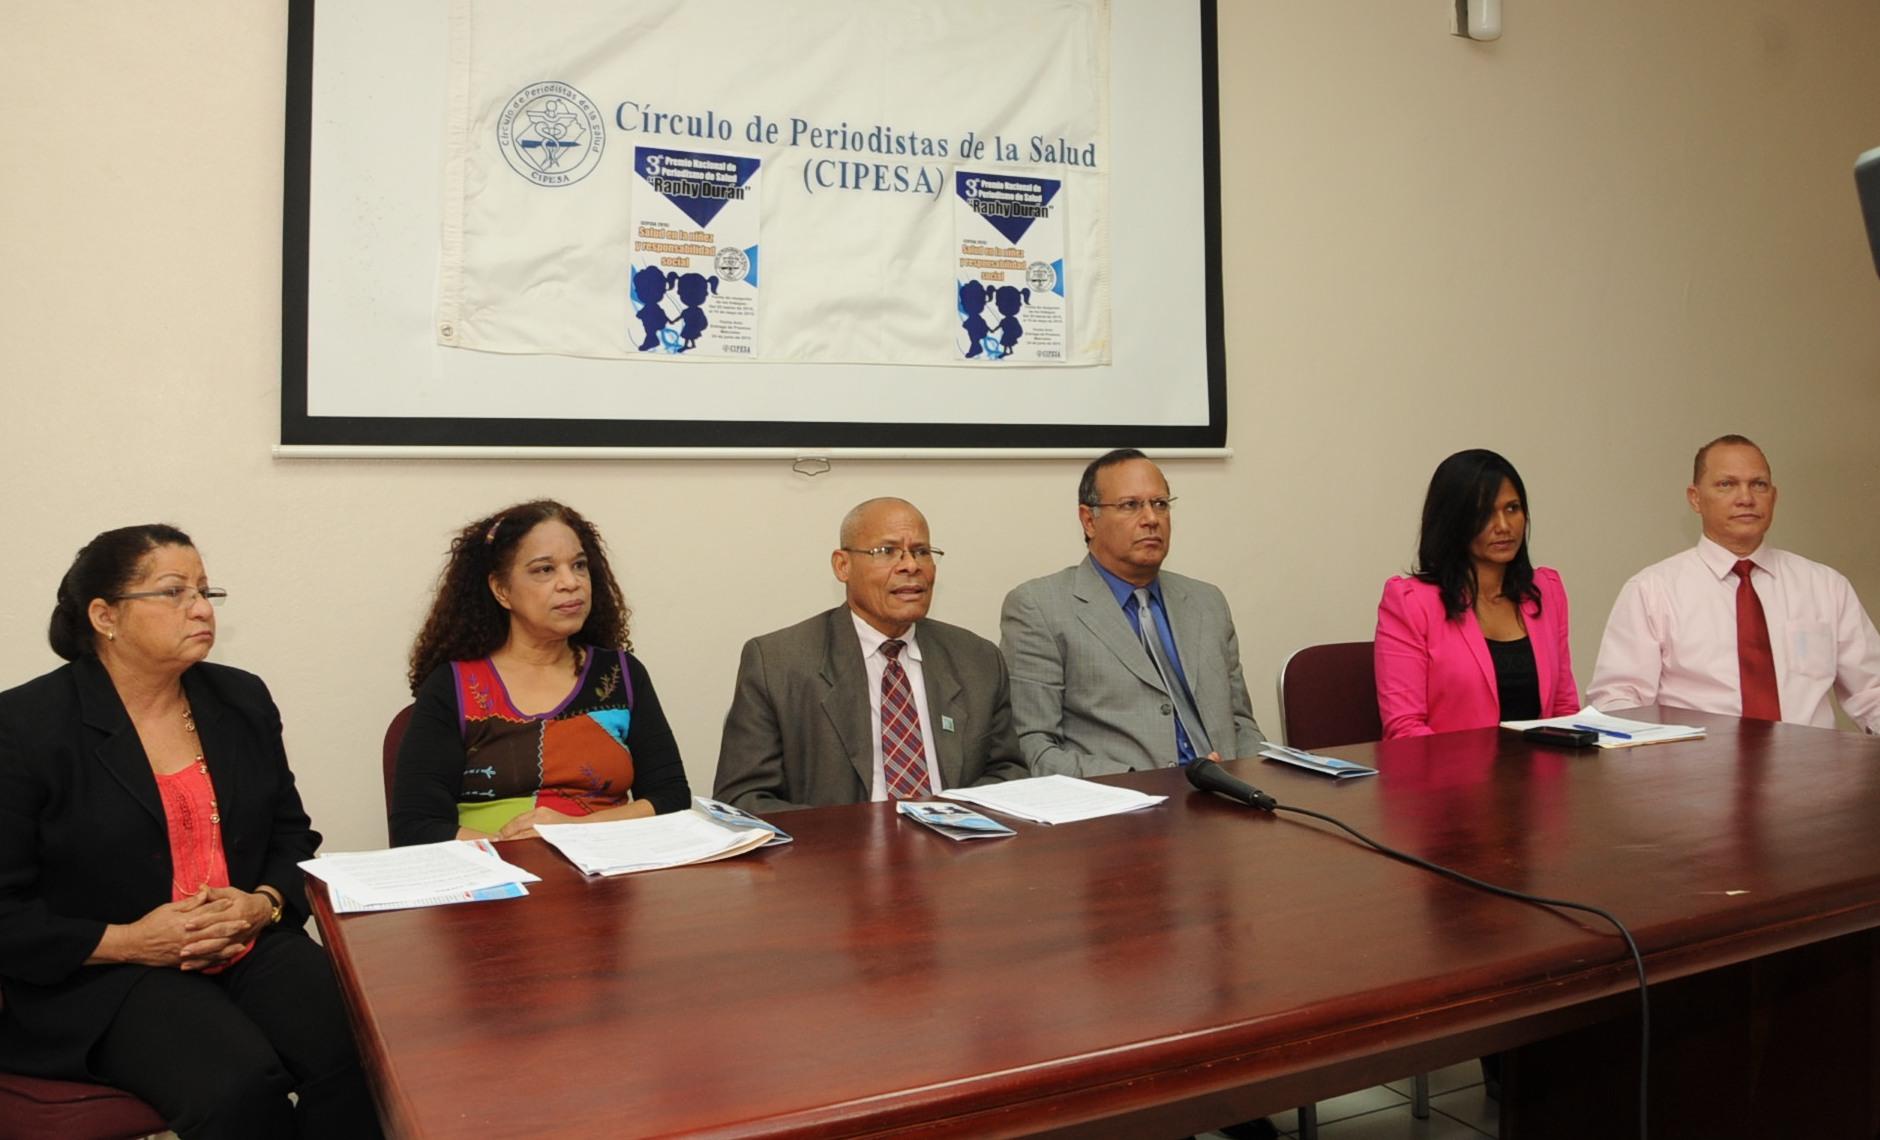 CIPESA anuncia tercera versión del Premio de Periodismo en Salud